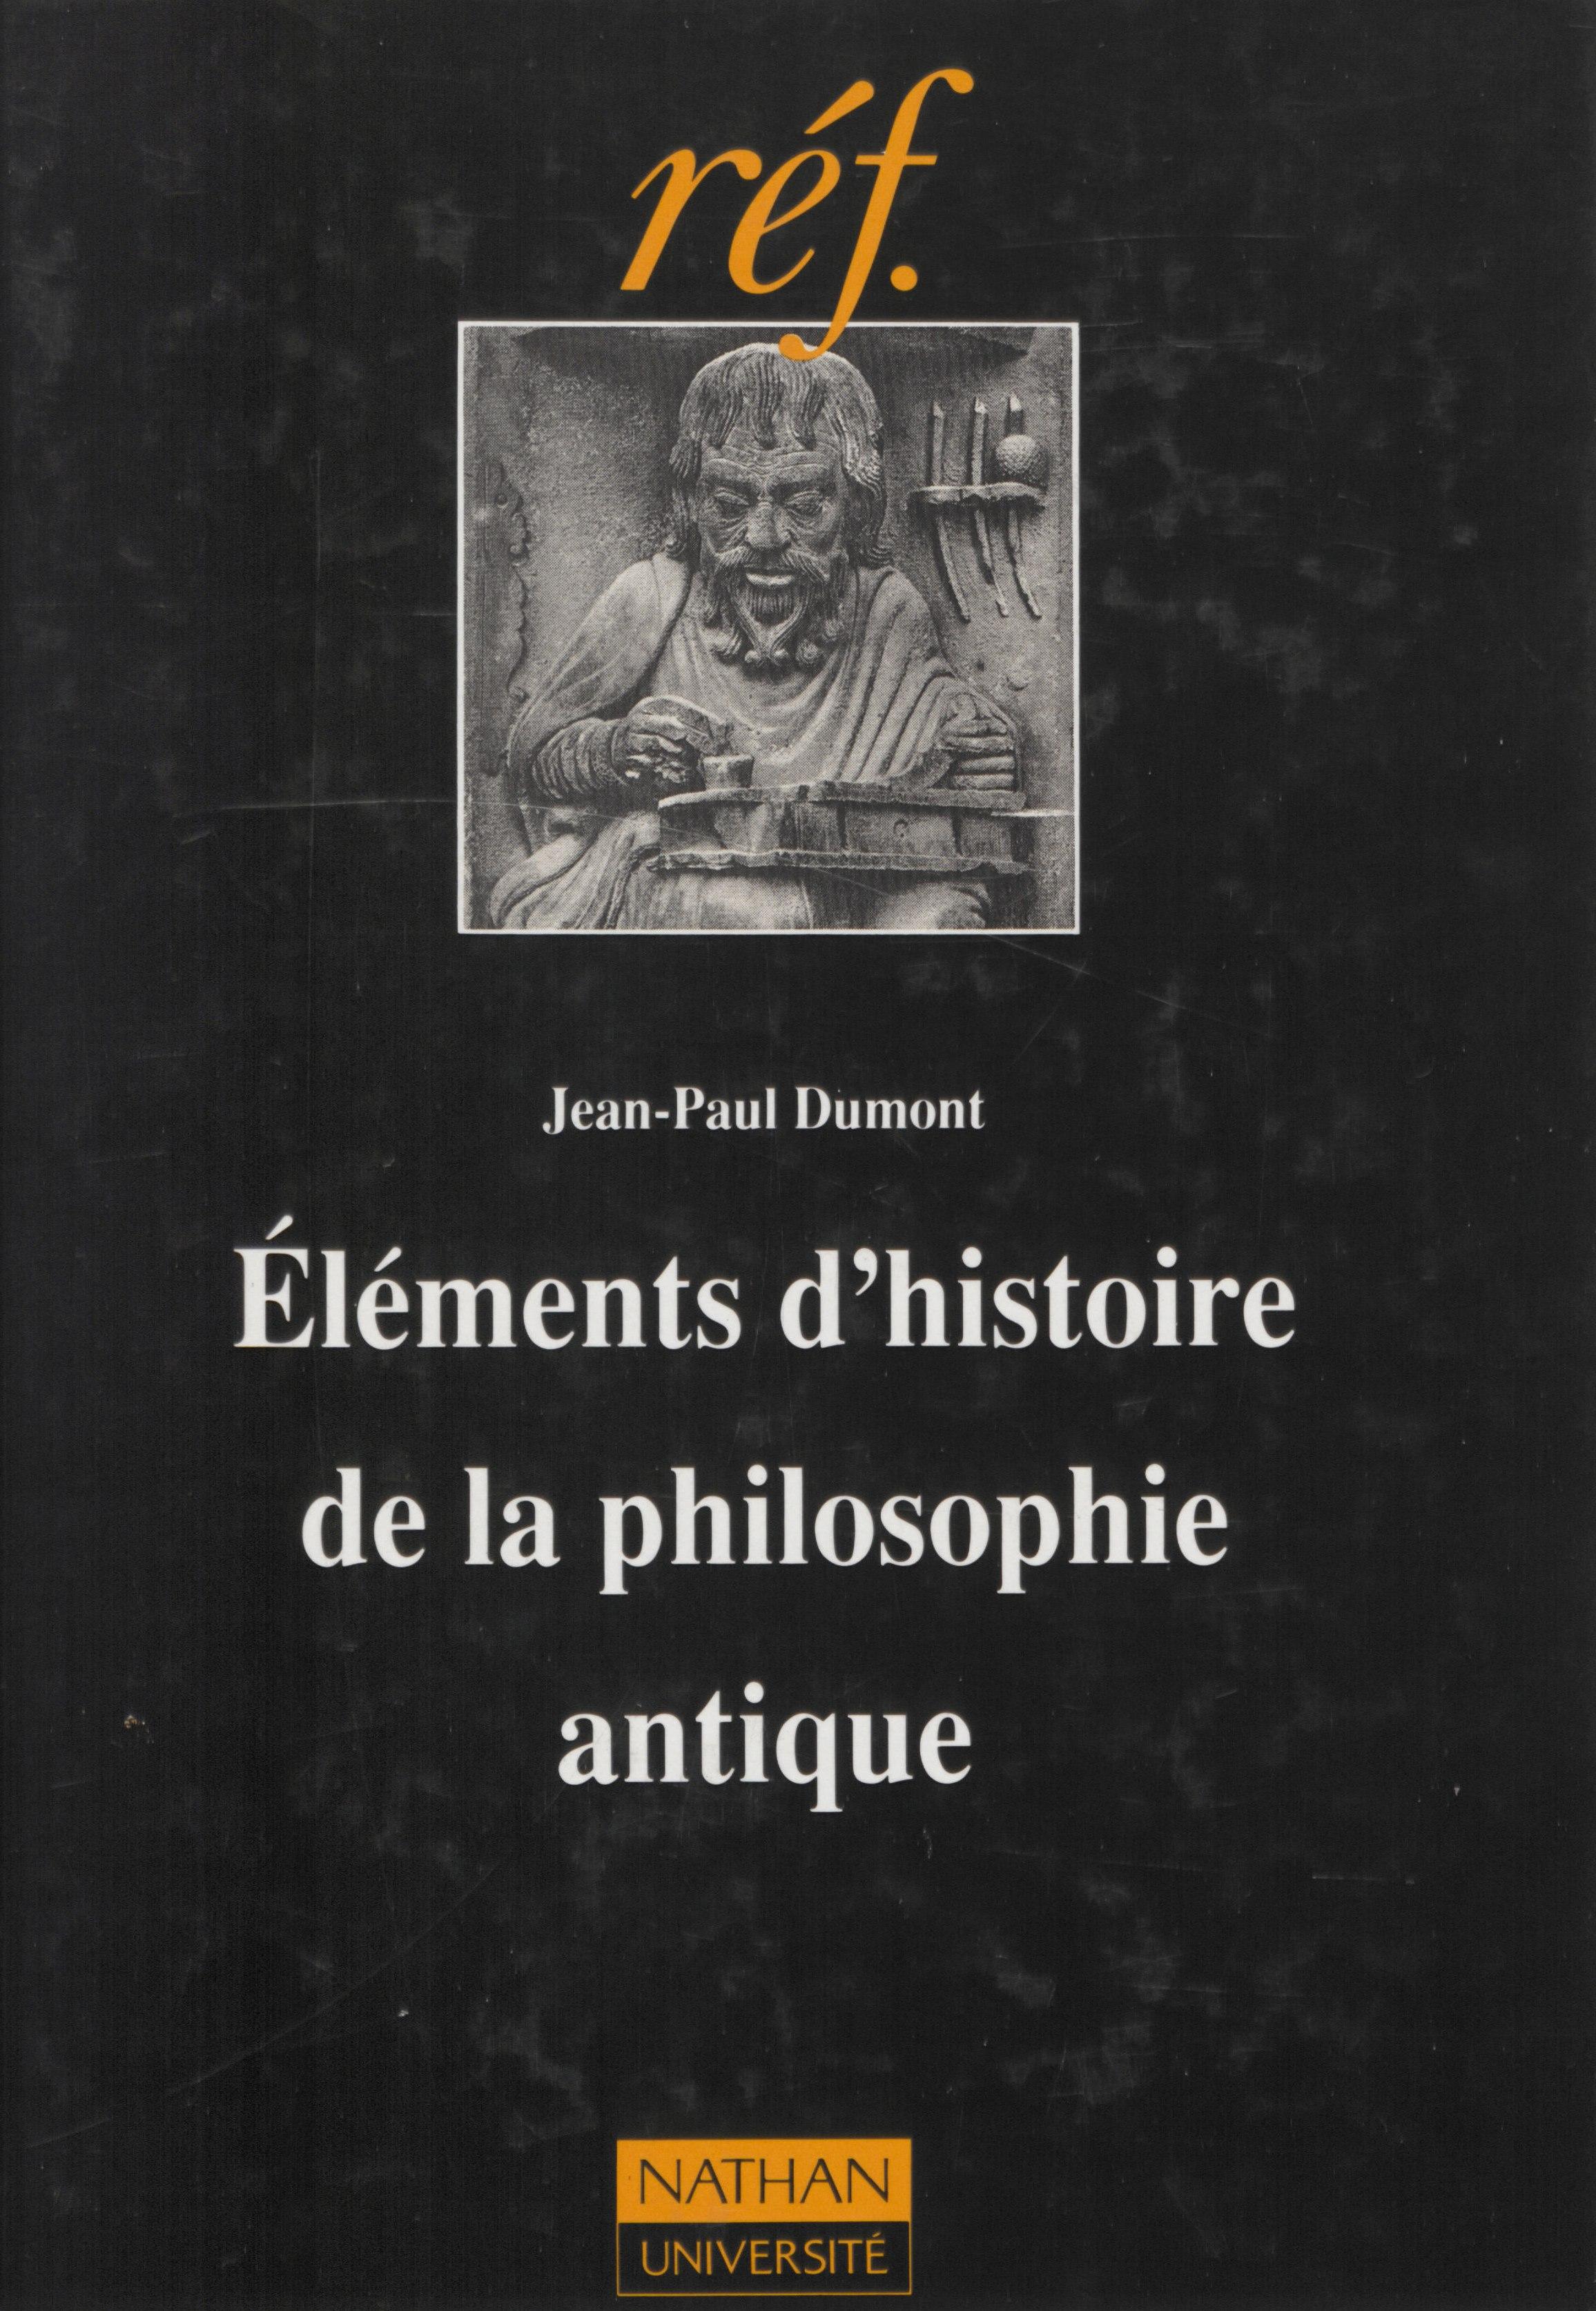 Éléments d'histoire de la philosophie antique